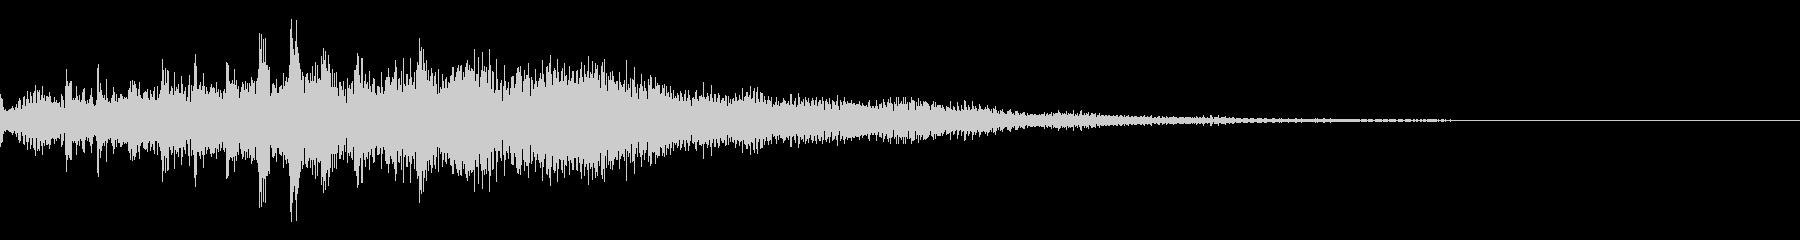 近未来をイメージしたサウンドロゴの未再生の波形